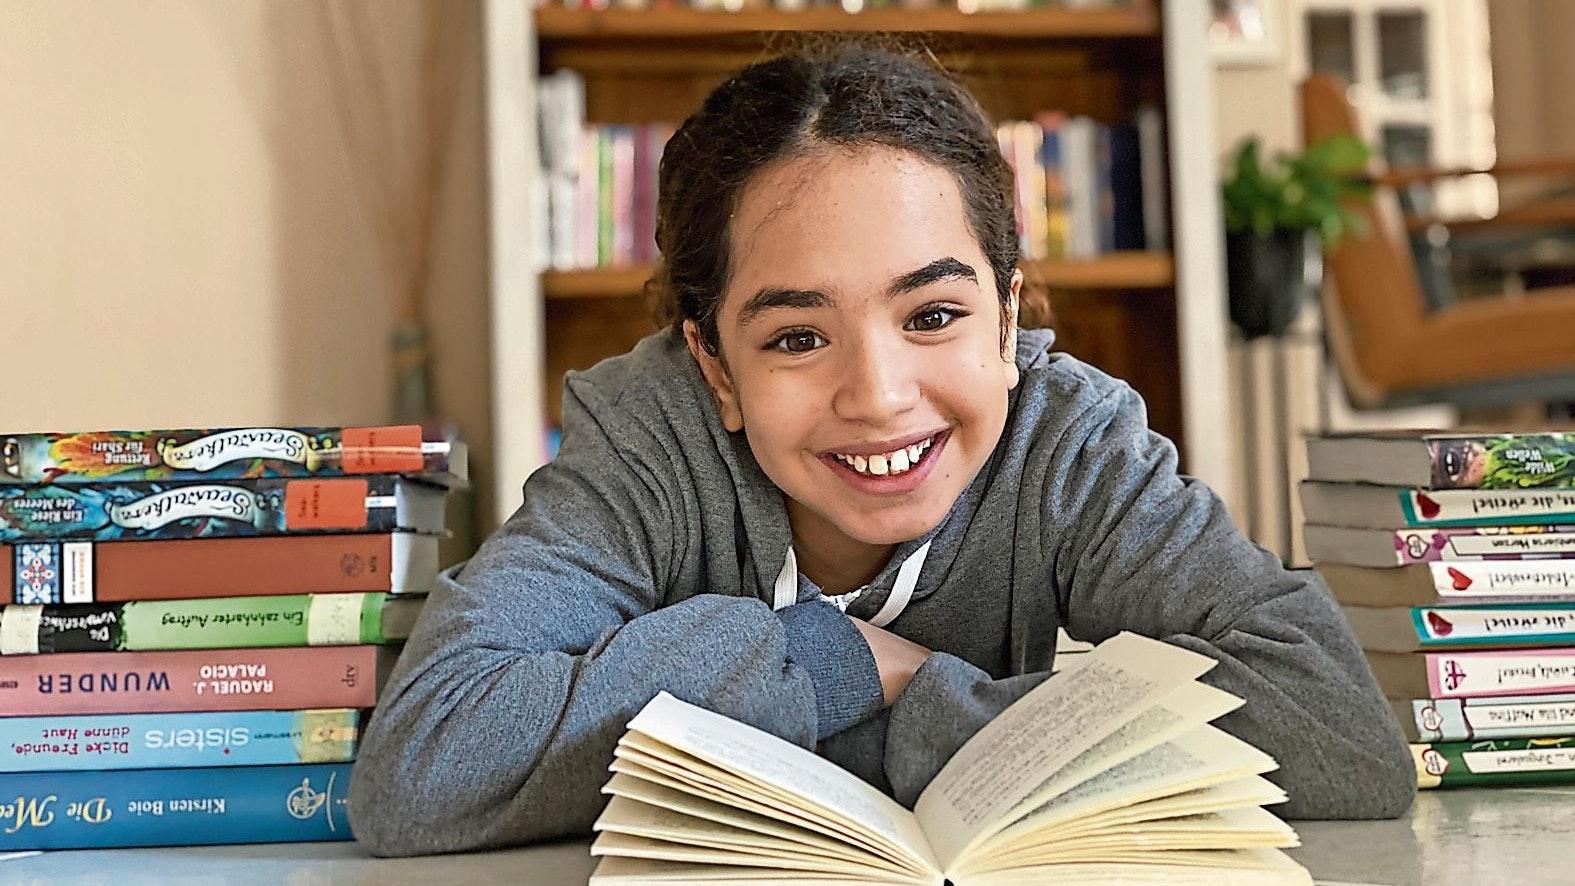 Gehört zu den größten jungen Lesefans: Die 11-jährige Lily El Meziani aus Bösel kann einem Tag gerne auch mal 2 Bücher verschlingen. Fotos: Claudia Wimberg